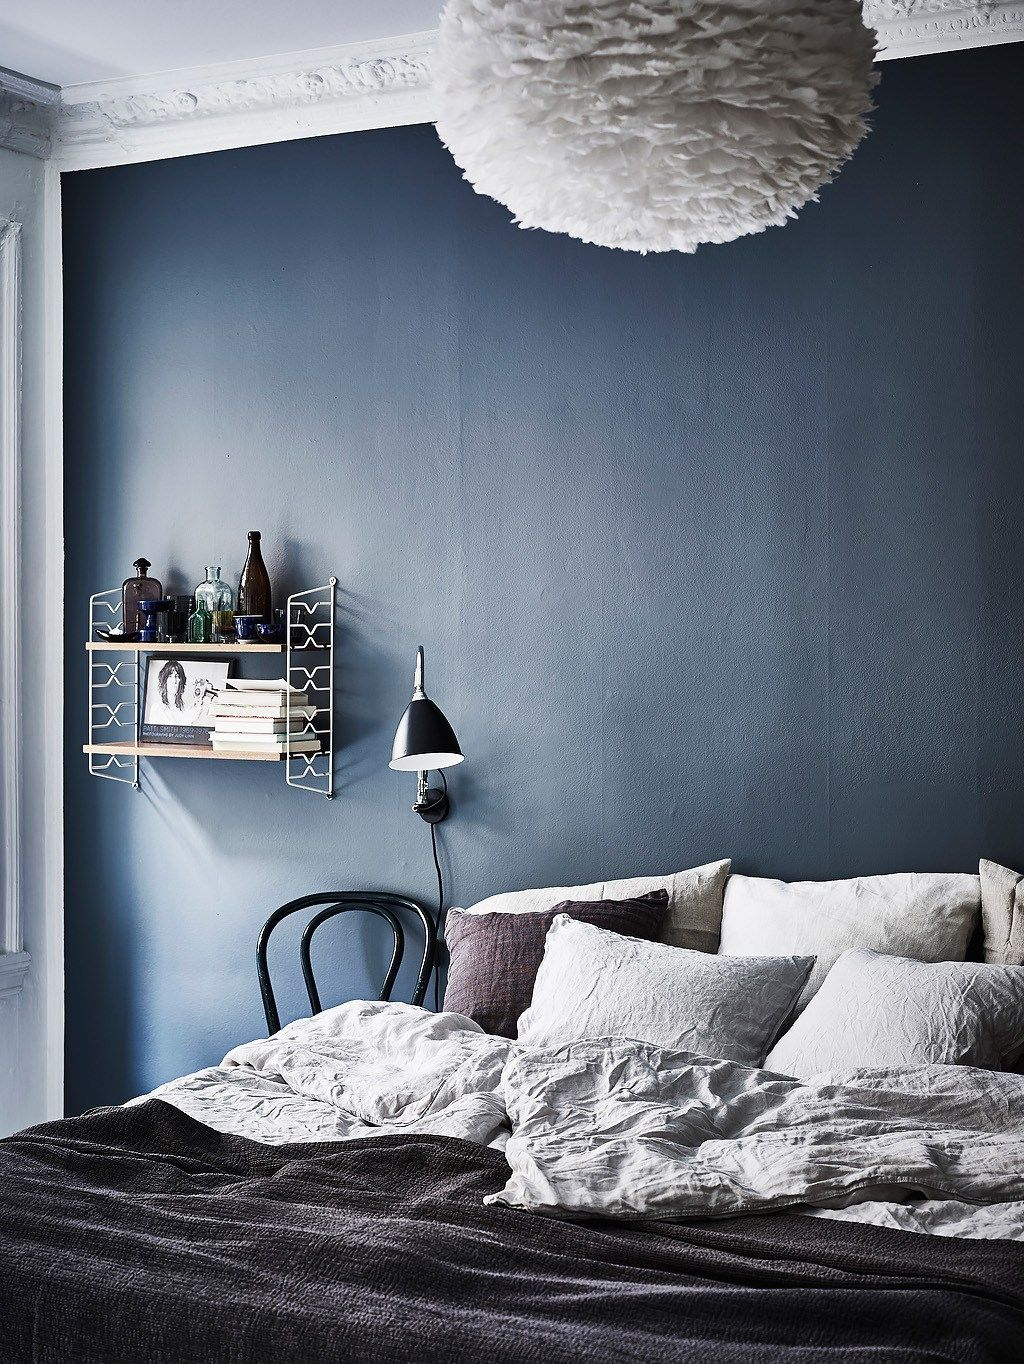 Romantisches schlafzimmer interieur eos créme von vita im shop kaufen  blue bedroom walls blue